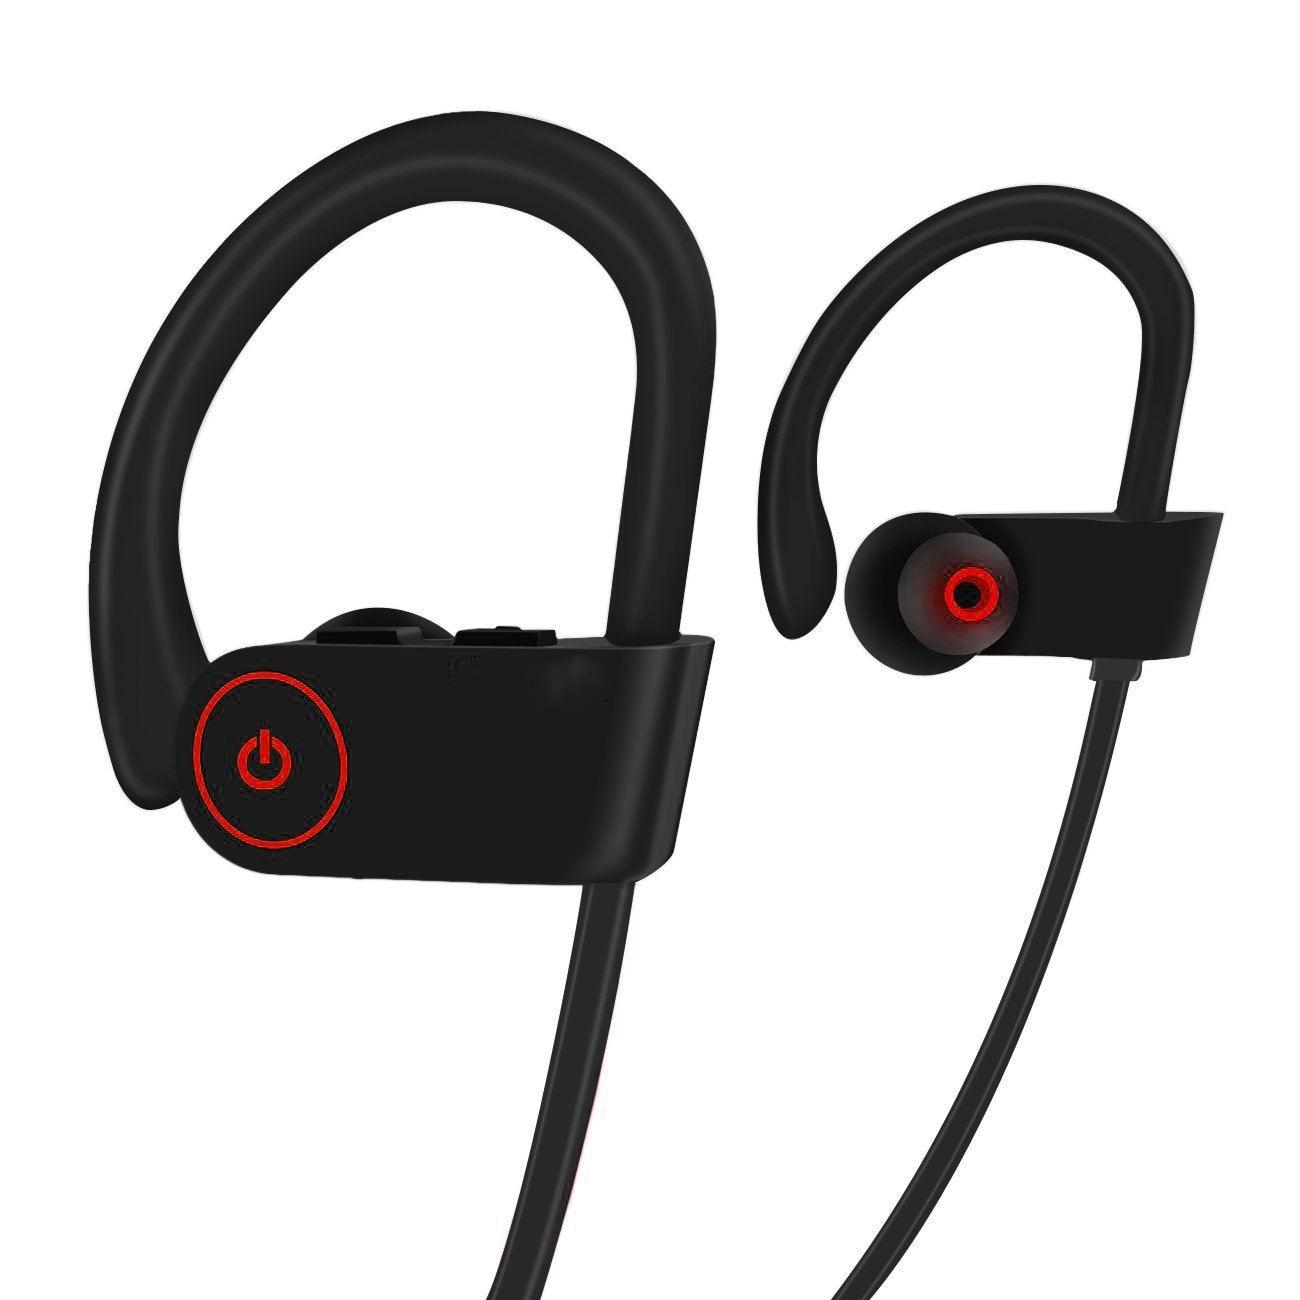 Top Deals Bluetooth Wireless Headphones w/Mic, HD Stereo/IPX7 Waterproof/Secure Fit In-Ear Wireless Bluetooth Earbuds for Men